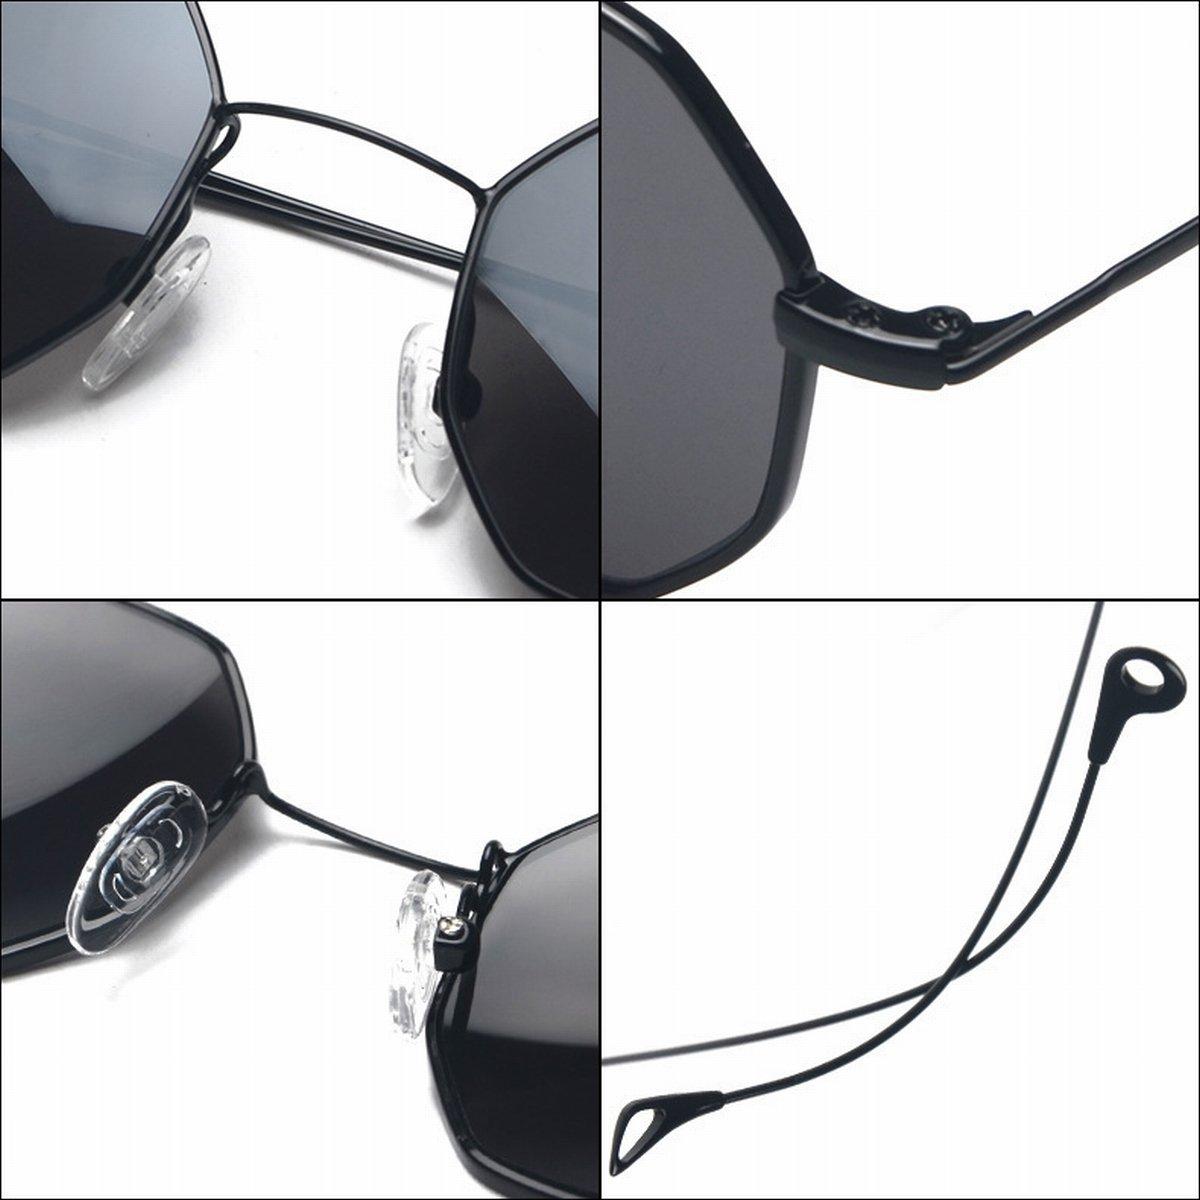 Achteckige Kleine Rahmen Metall Gläser Rahmen Marine Linse Transparente Sonnenbrille Mit Myopie Goldrahmen Flacher Spiegel W5gsjZ